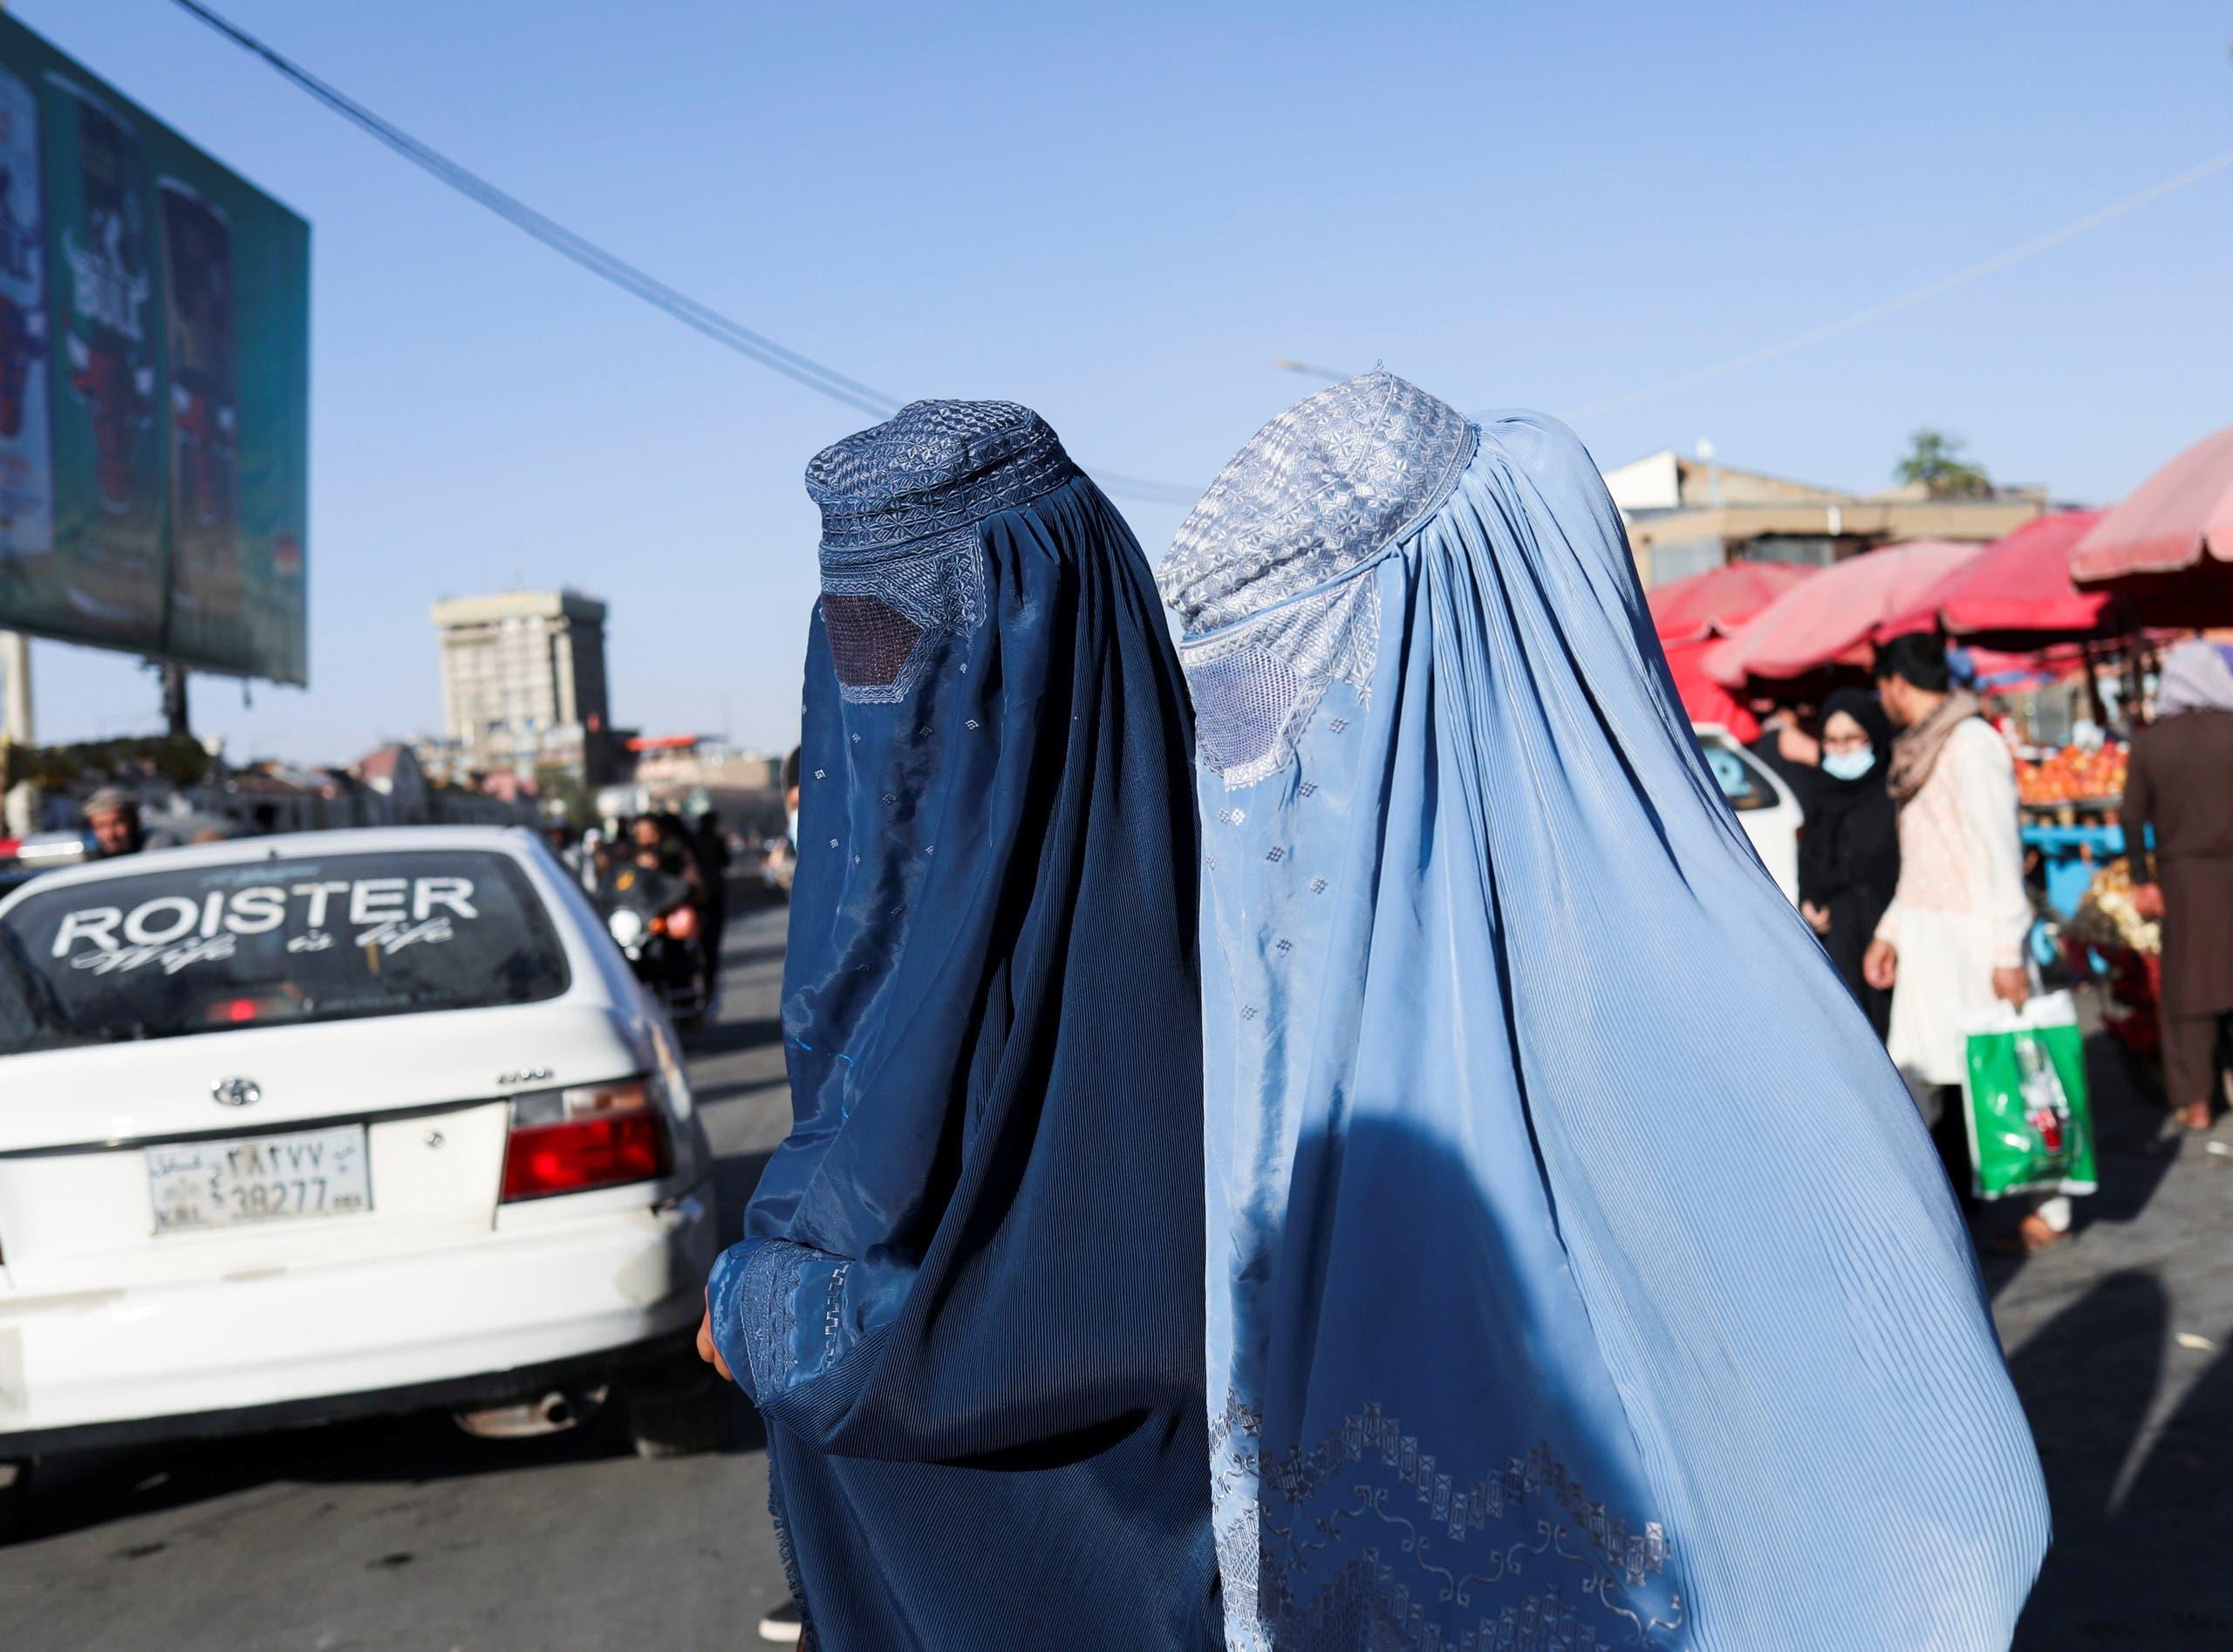 Afghan women walk down a street in Kabul, Afghanistan, September 16, 2021. (Reuters)